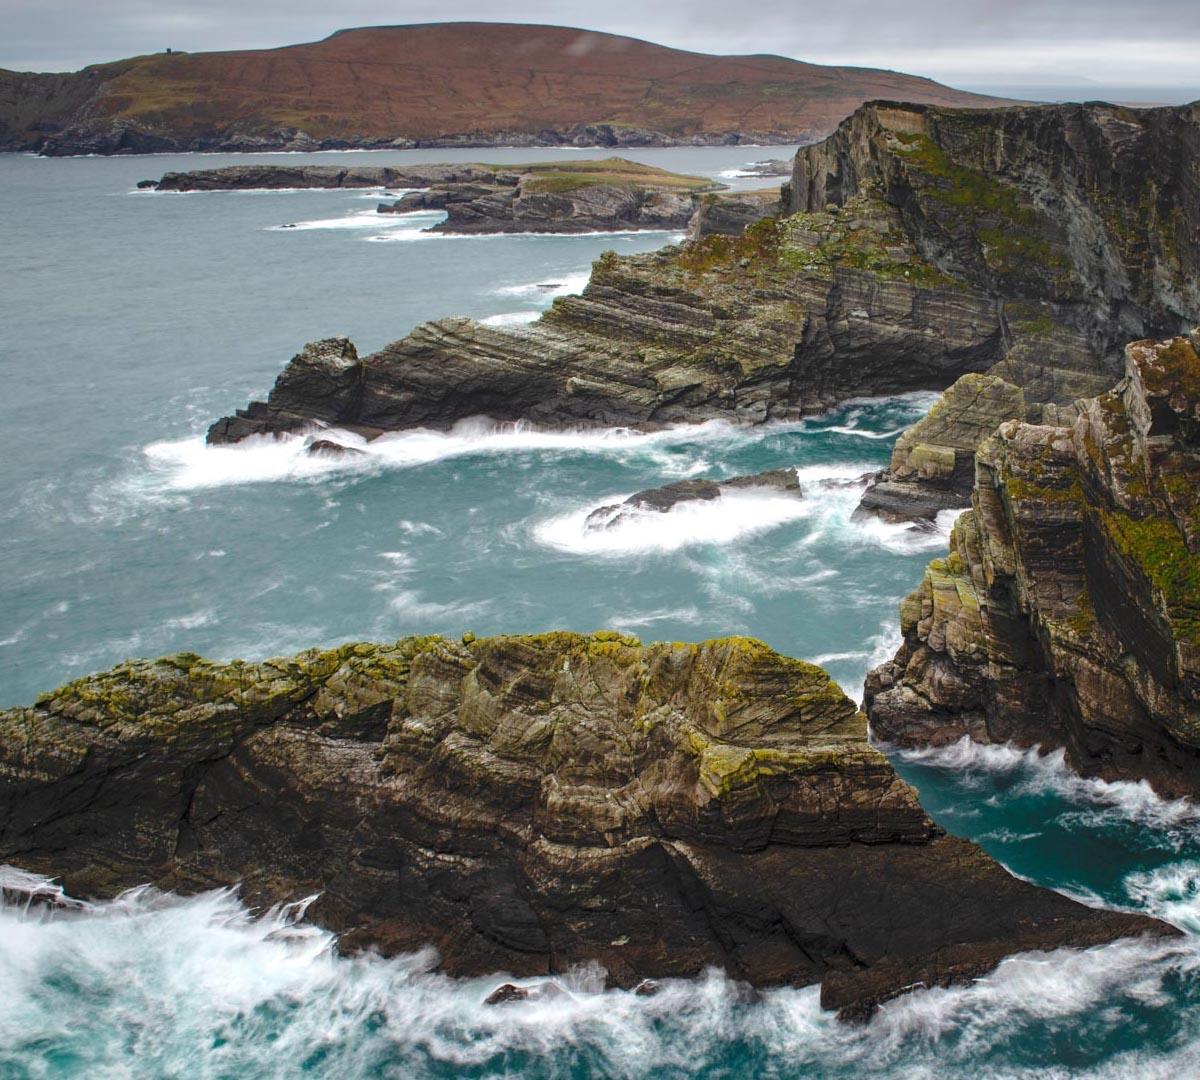 Irlands vindpinade landskap